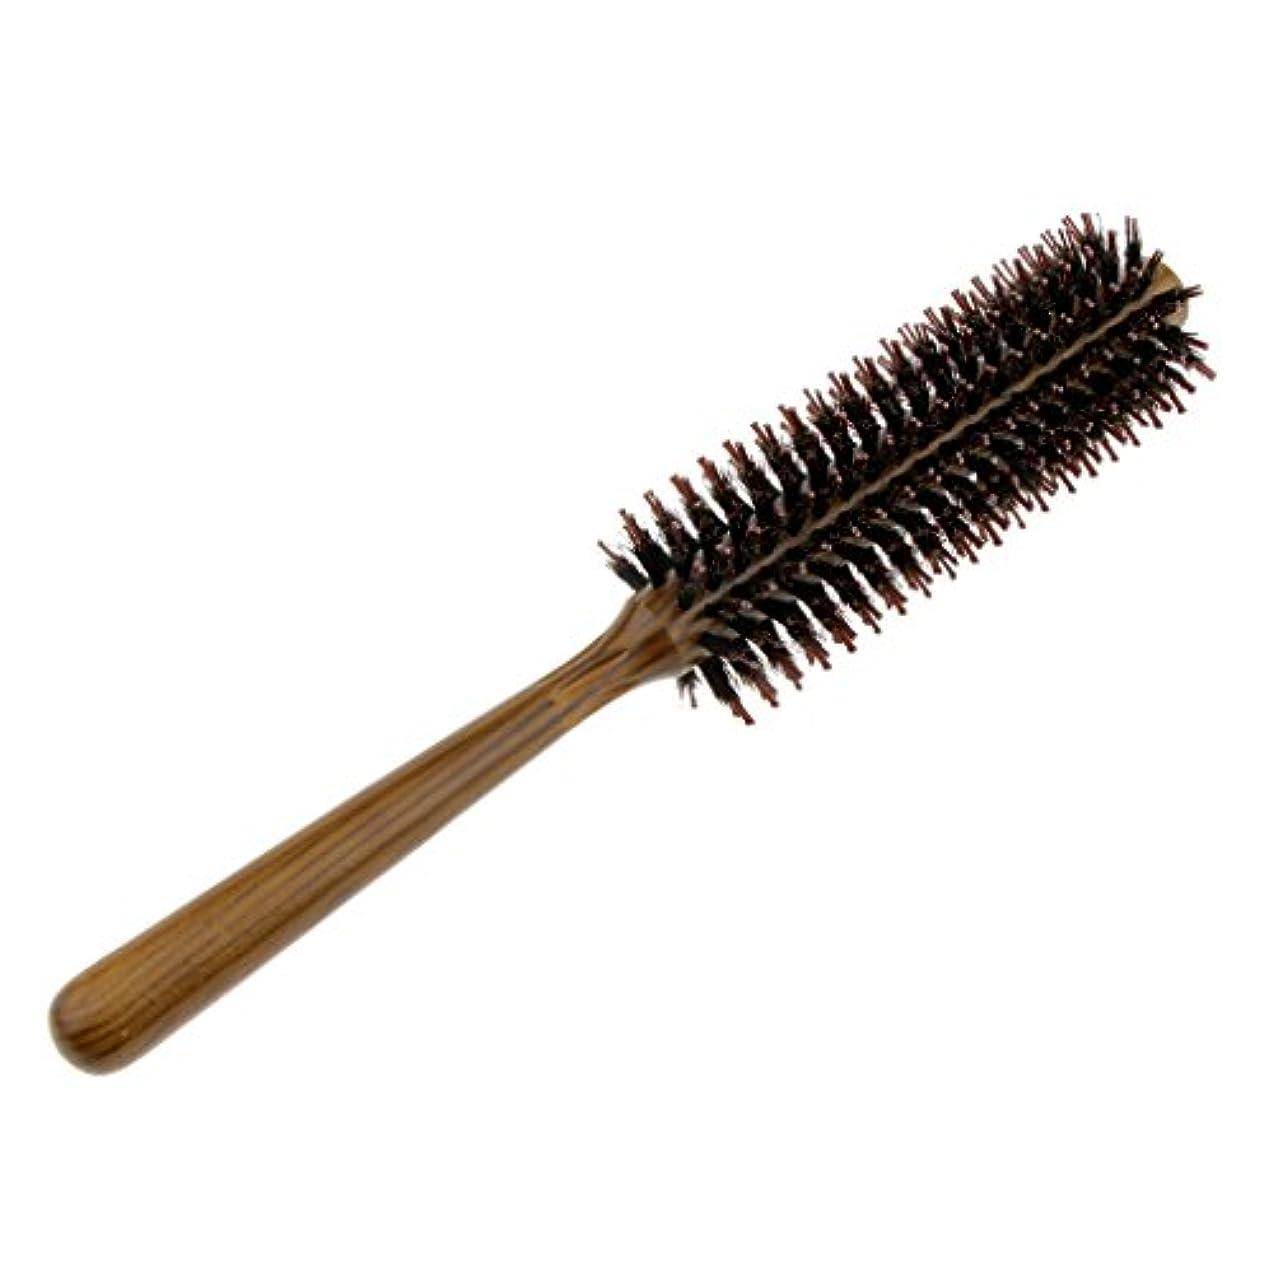 禁止パステル奨励しますFenteer ロールブラシ ヘアブラシ コーム ヘアスタイリング 櫛 くし カール 巻き髪 3サイズ選べる - S